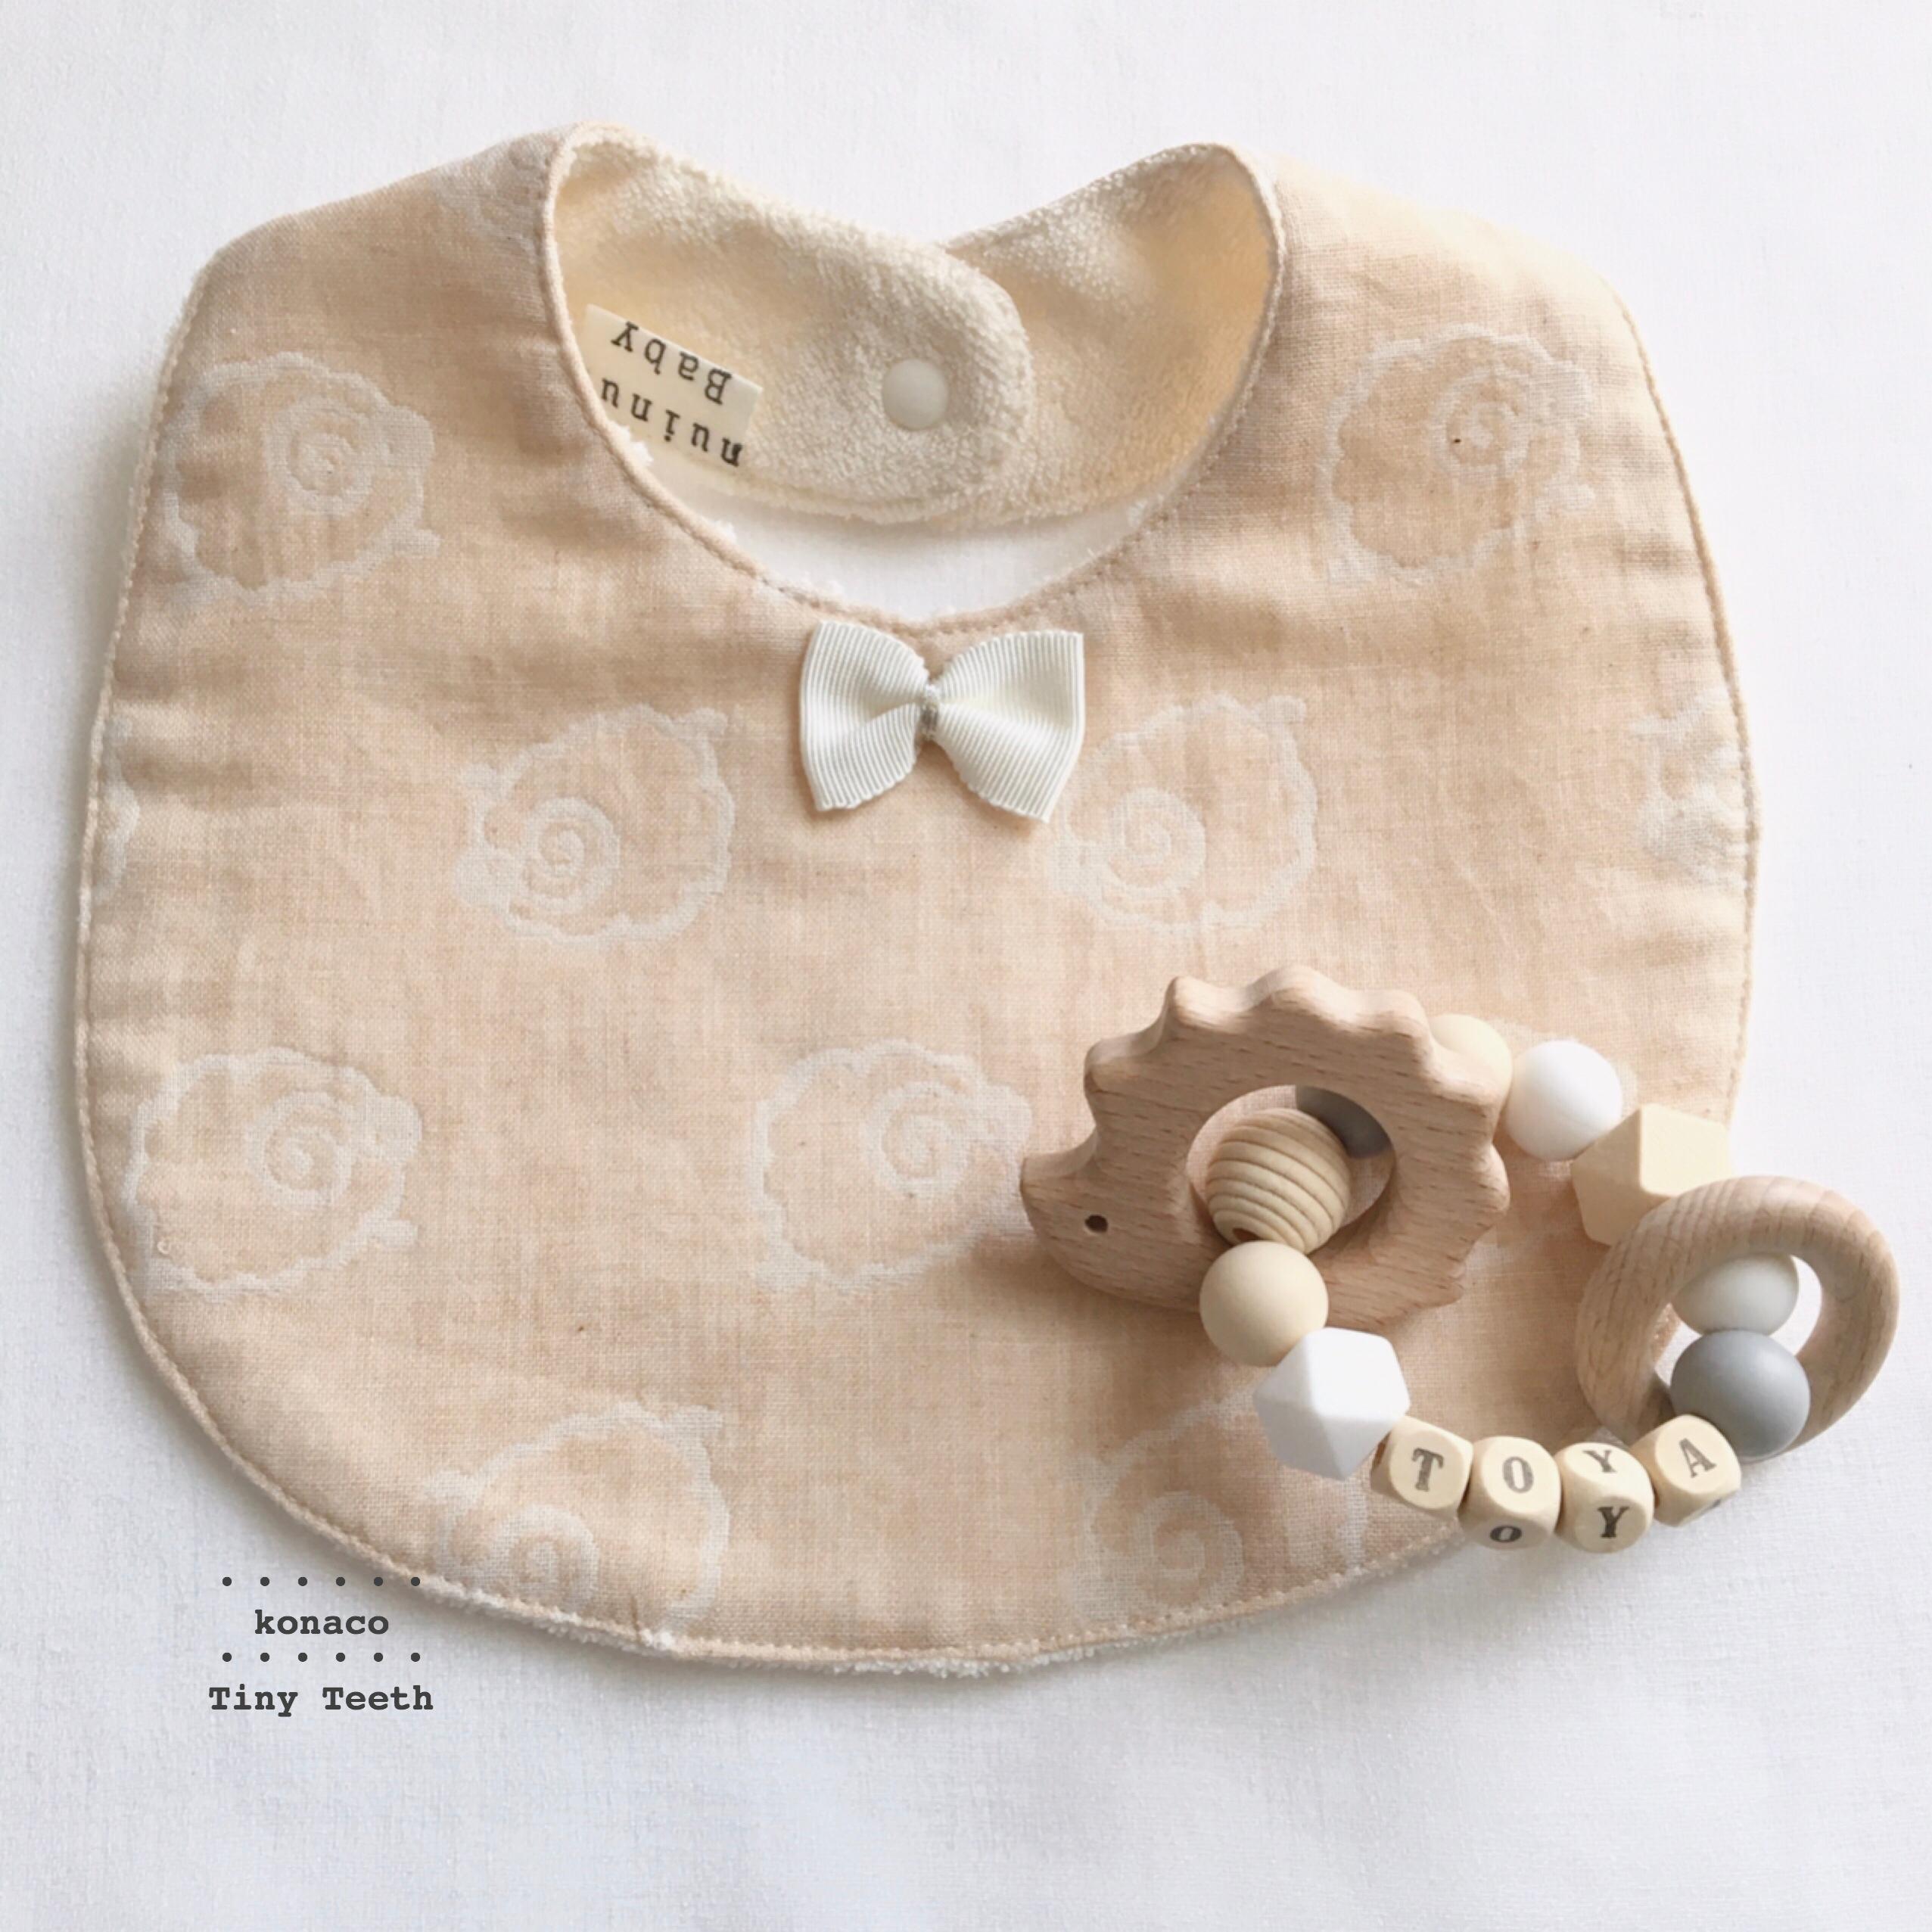 ベビーギフトセット✤歯固めとオーガニックコットンスタイ✤出産祝い✤お名前入り✤Tiny Teeth™